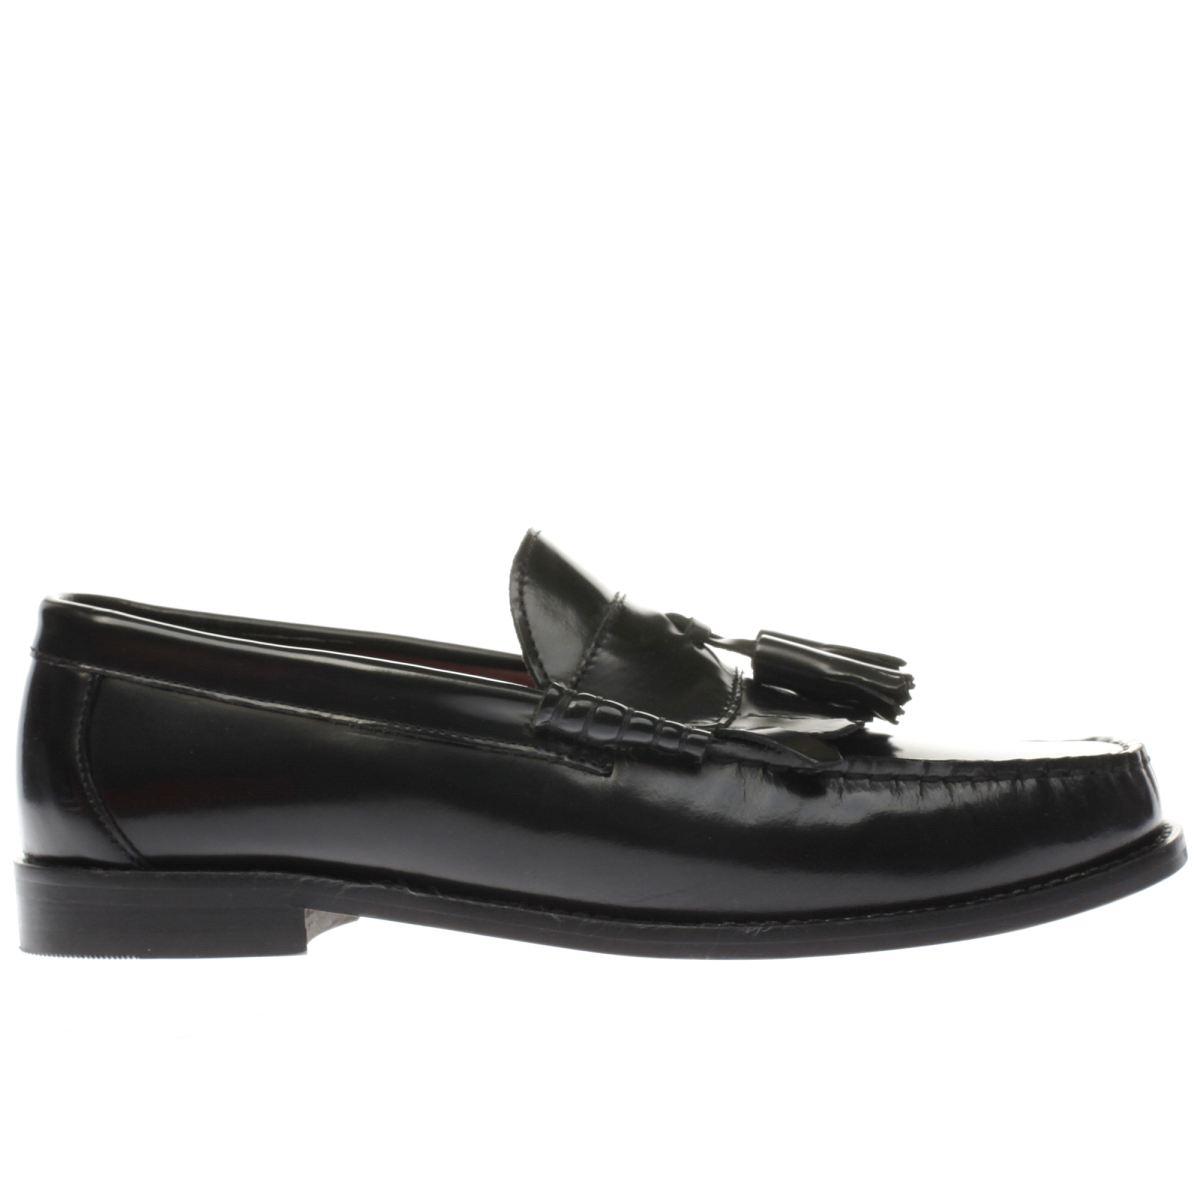 Ikon Ikon Black Bel Air Loafer Shoes